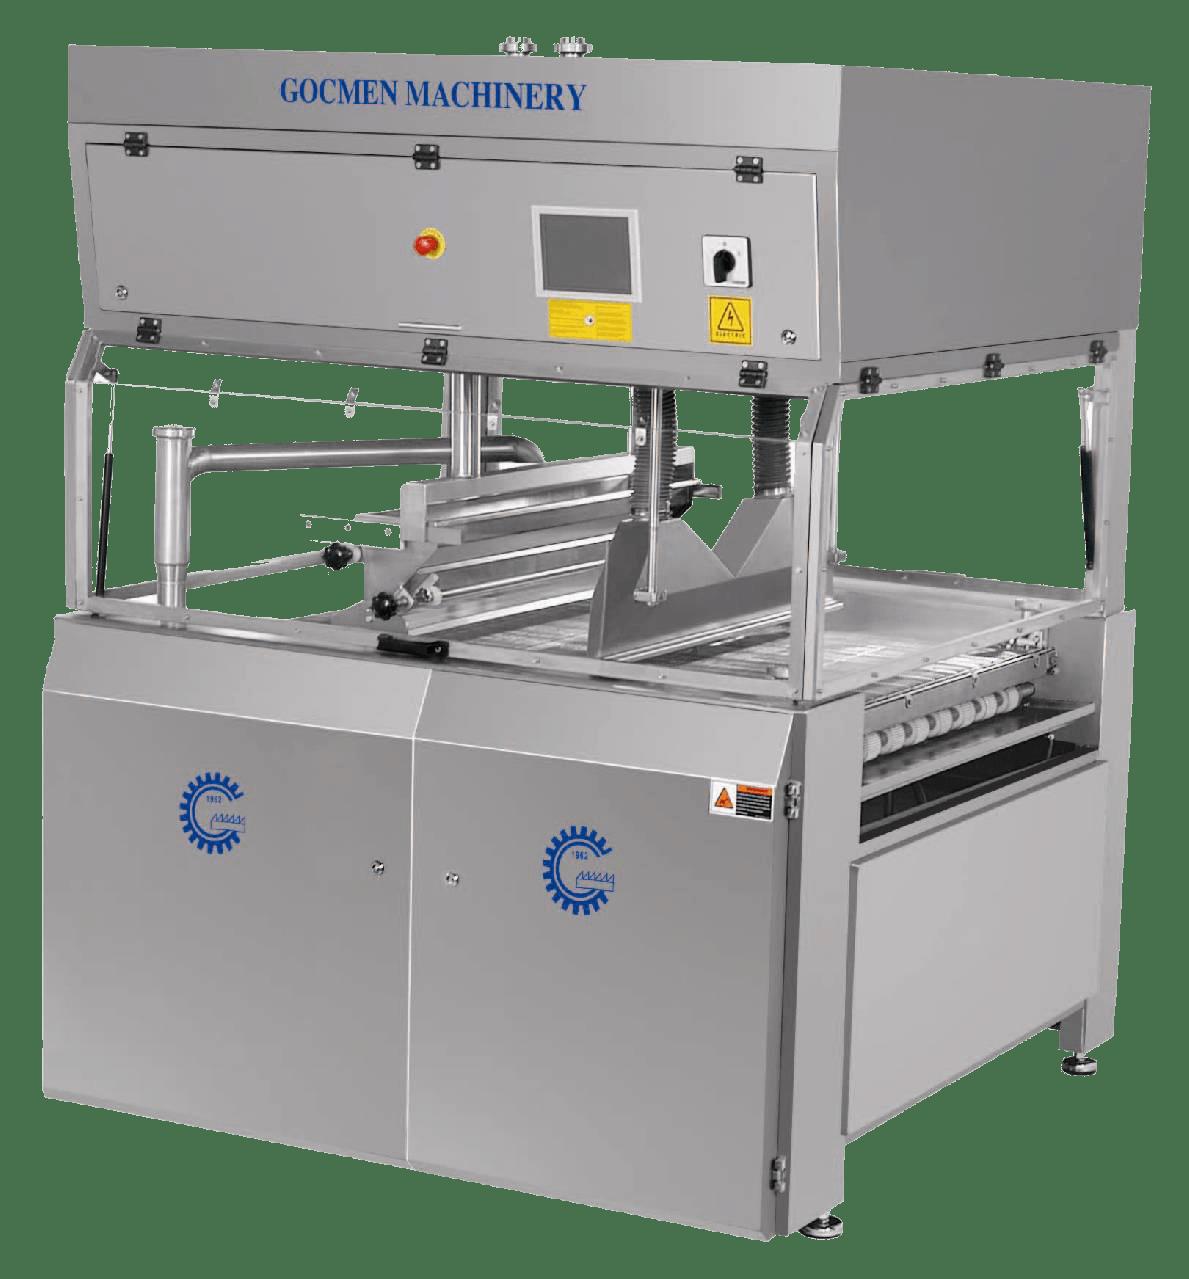 Машина для покрытия изделий карамелью Gocmen